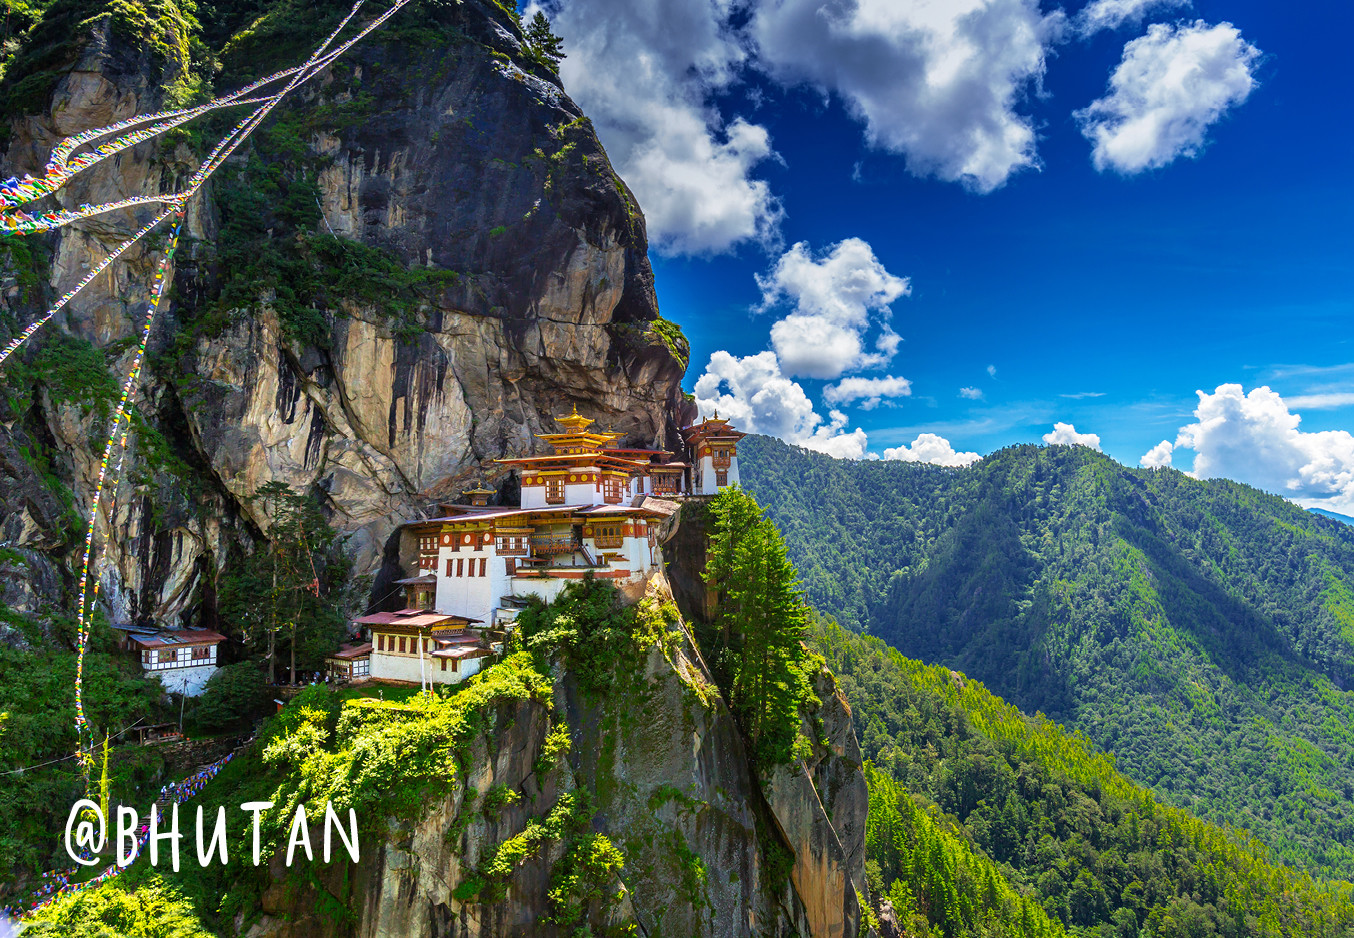 en heel mooi gebergte met een klooster in de bergen